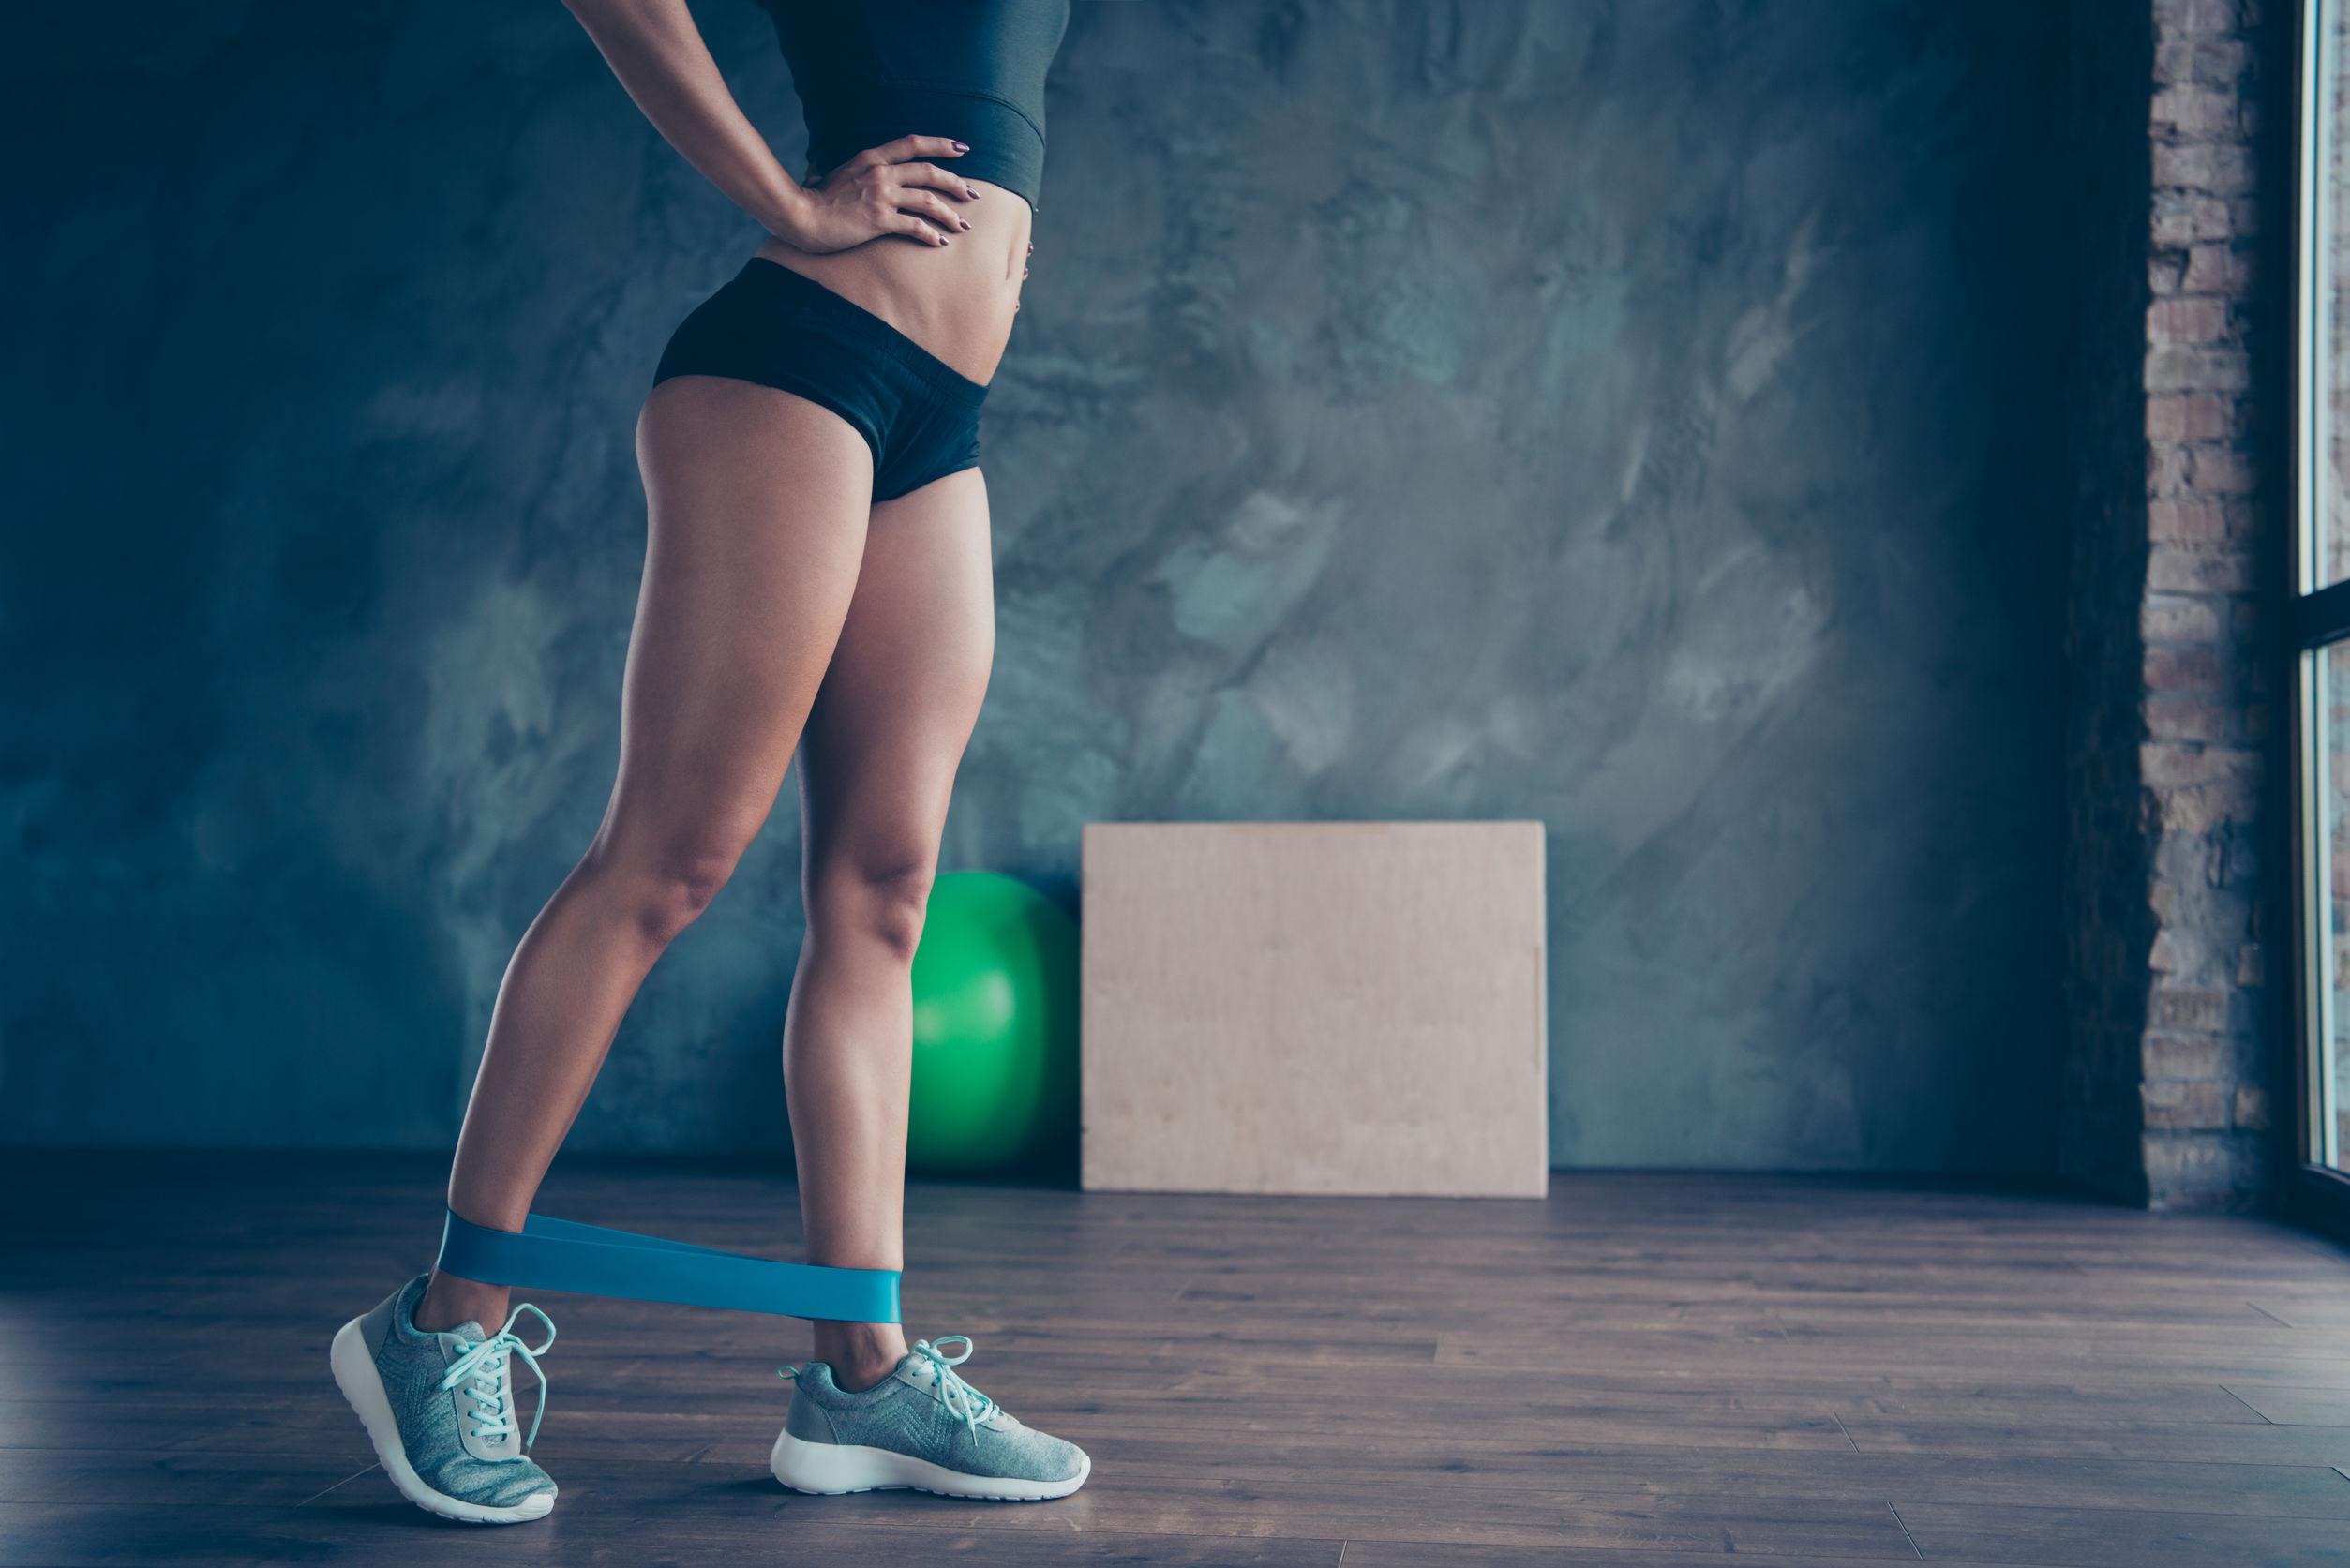 Mulher praticando exercícios com uma mini band na altura das canelas